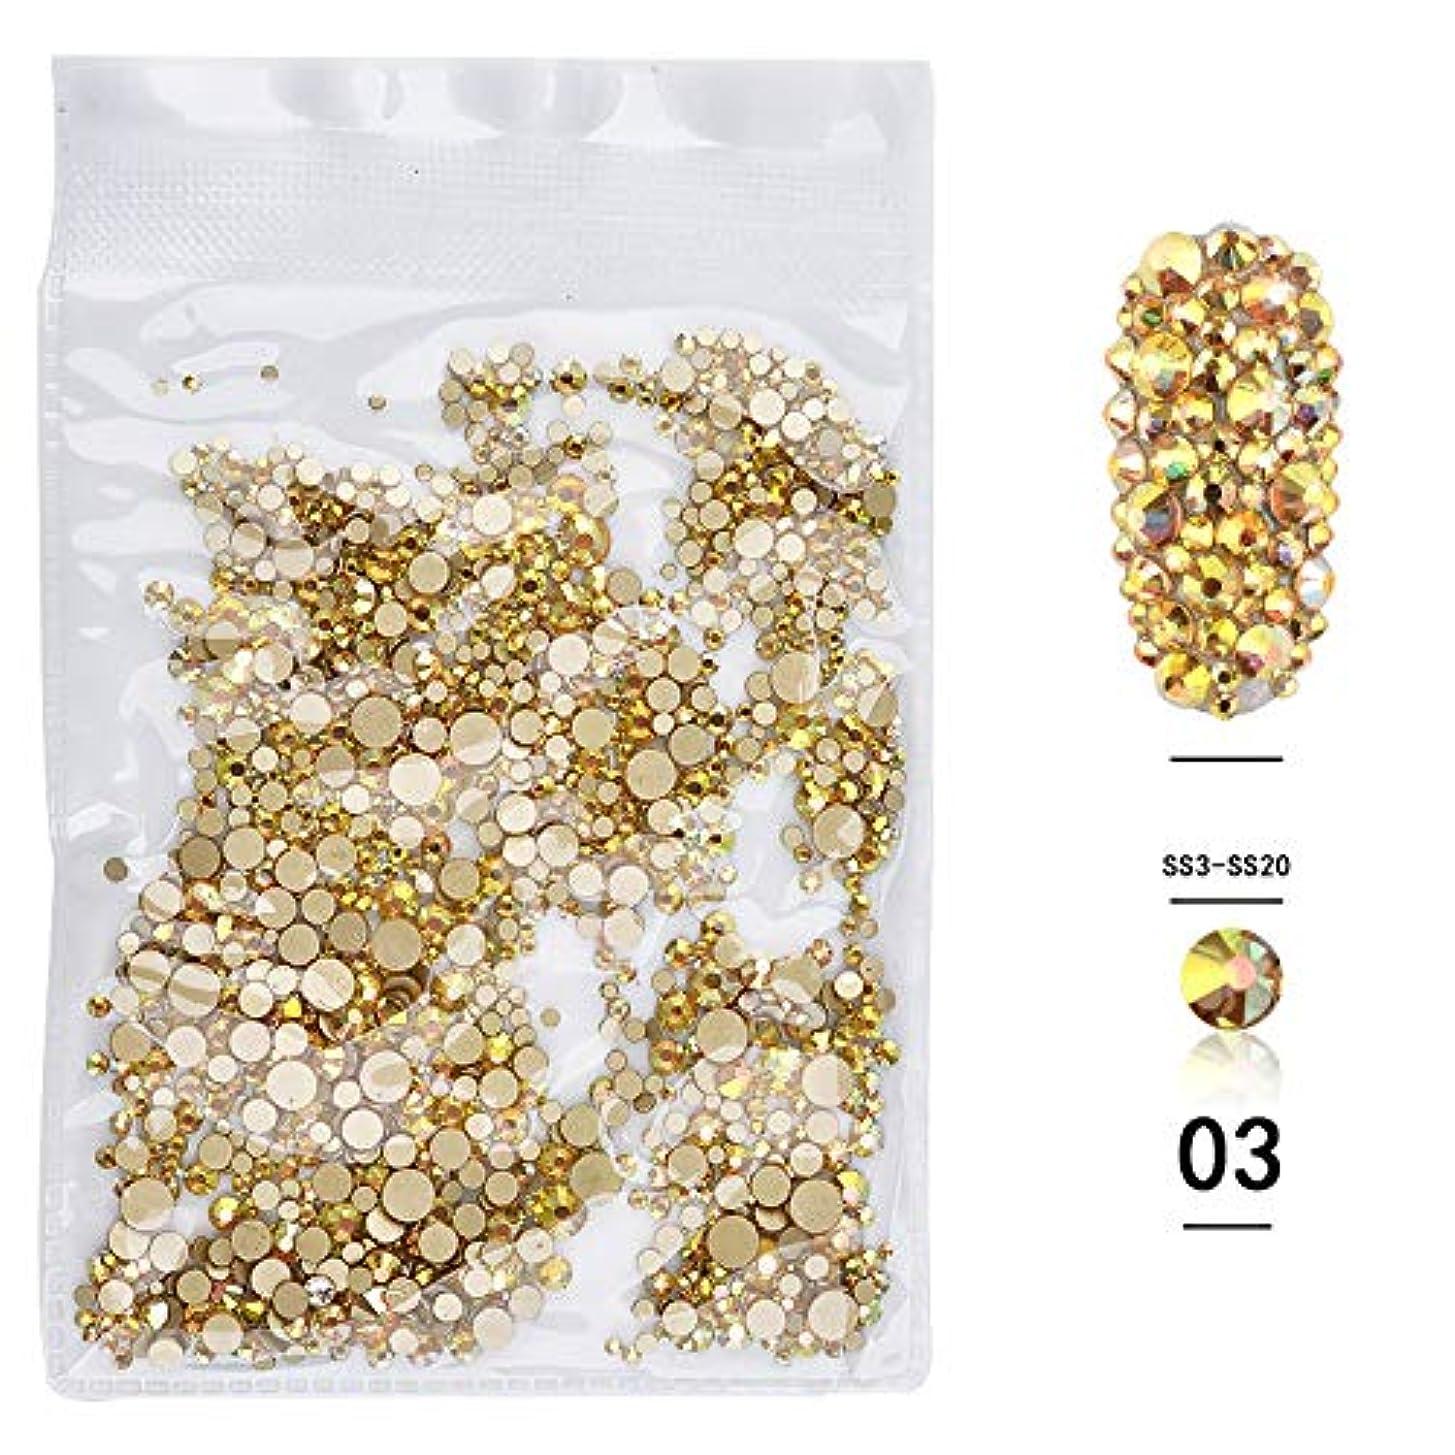 包括的公爵雨の(1440pcsのパック)ネイルアートラインストーン3DデコレーションフラットボトムダイヤモンドシャイニーABクリスタル混合サイズDIYアクセサリー